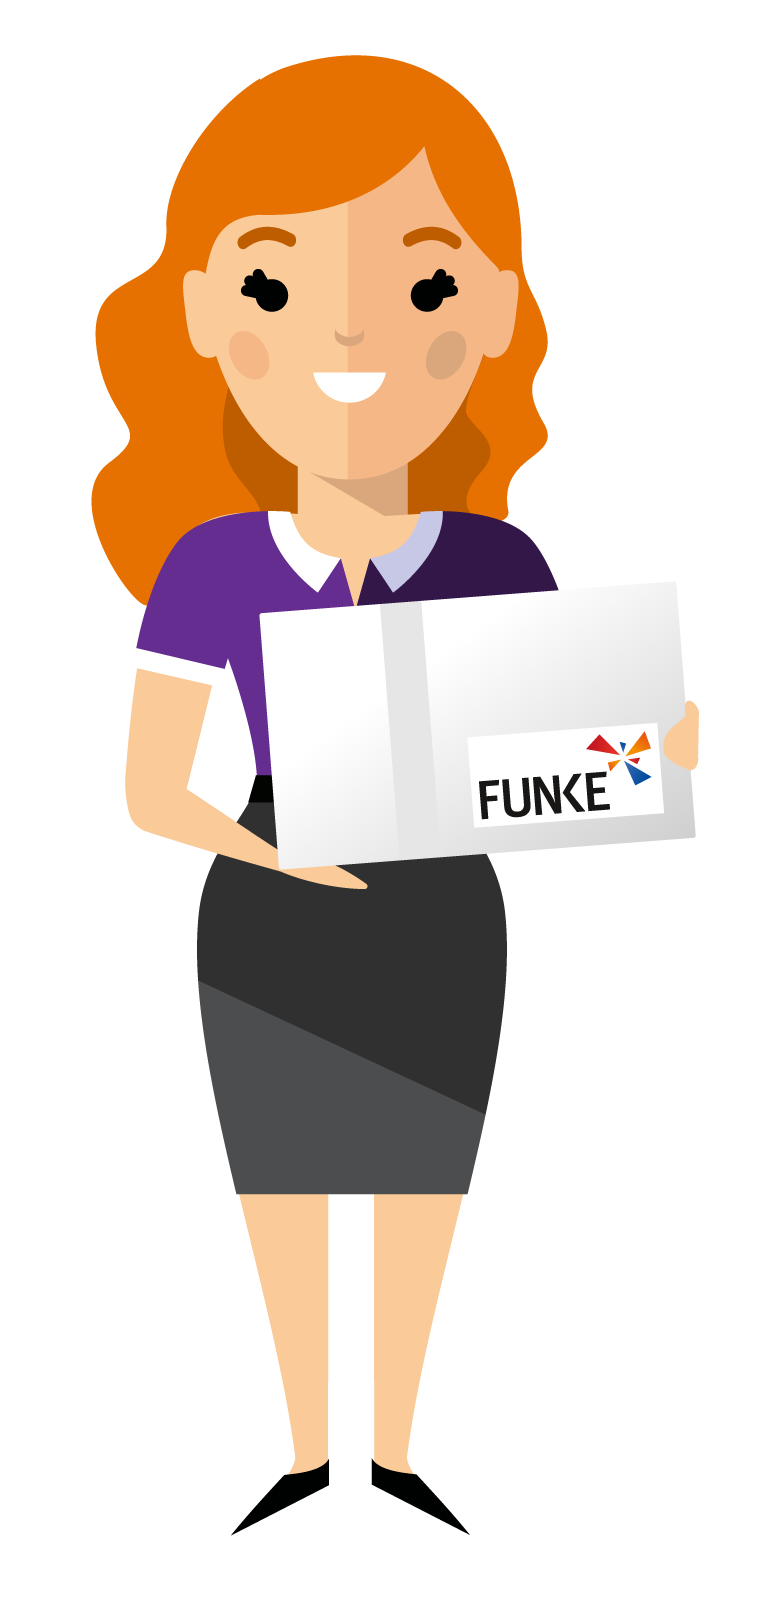 FUNKE PremiumPaket